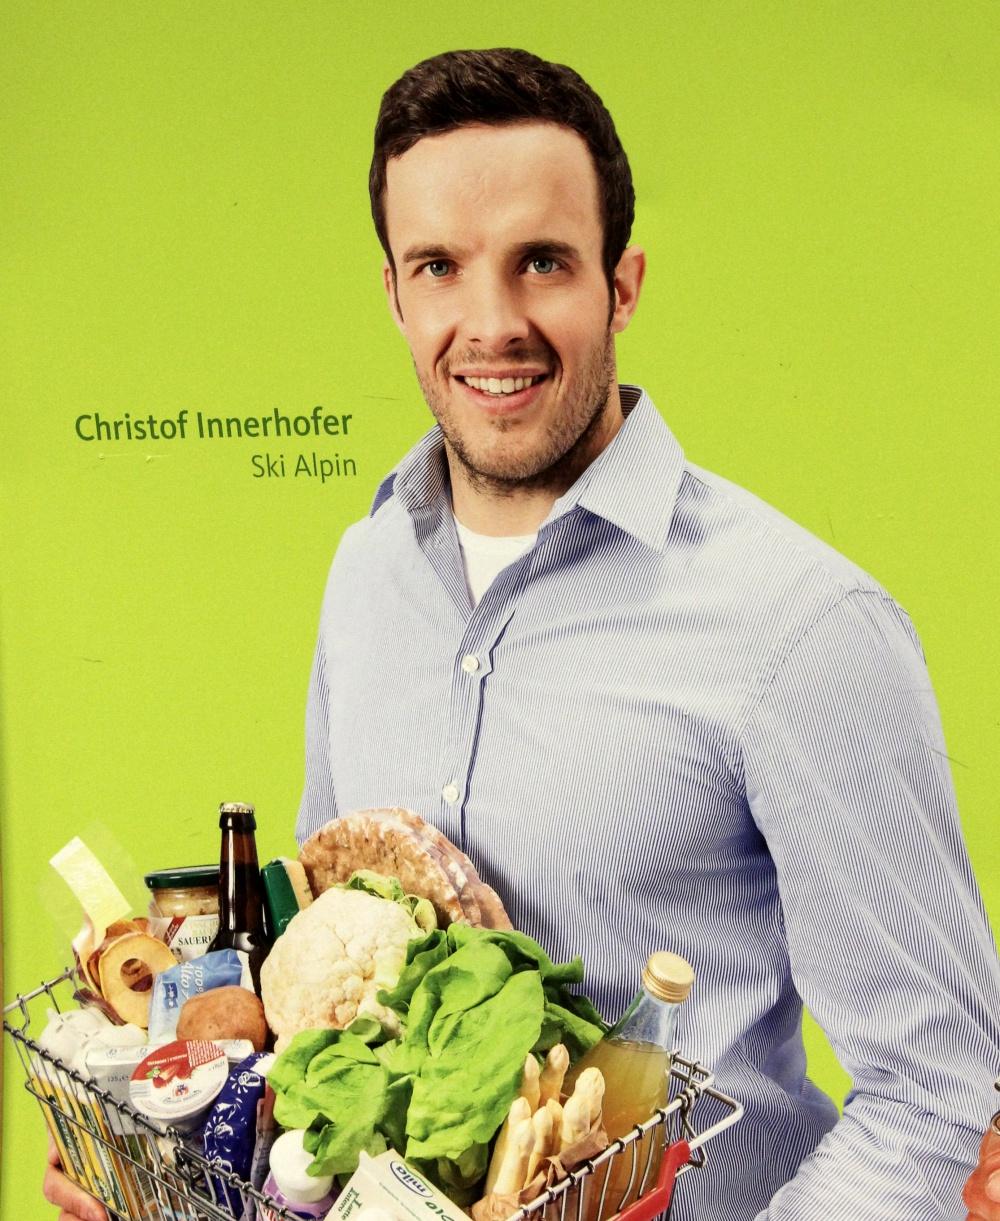 Werbung mit Christof Innerhofer in St. Ulrich Gröden